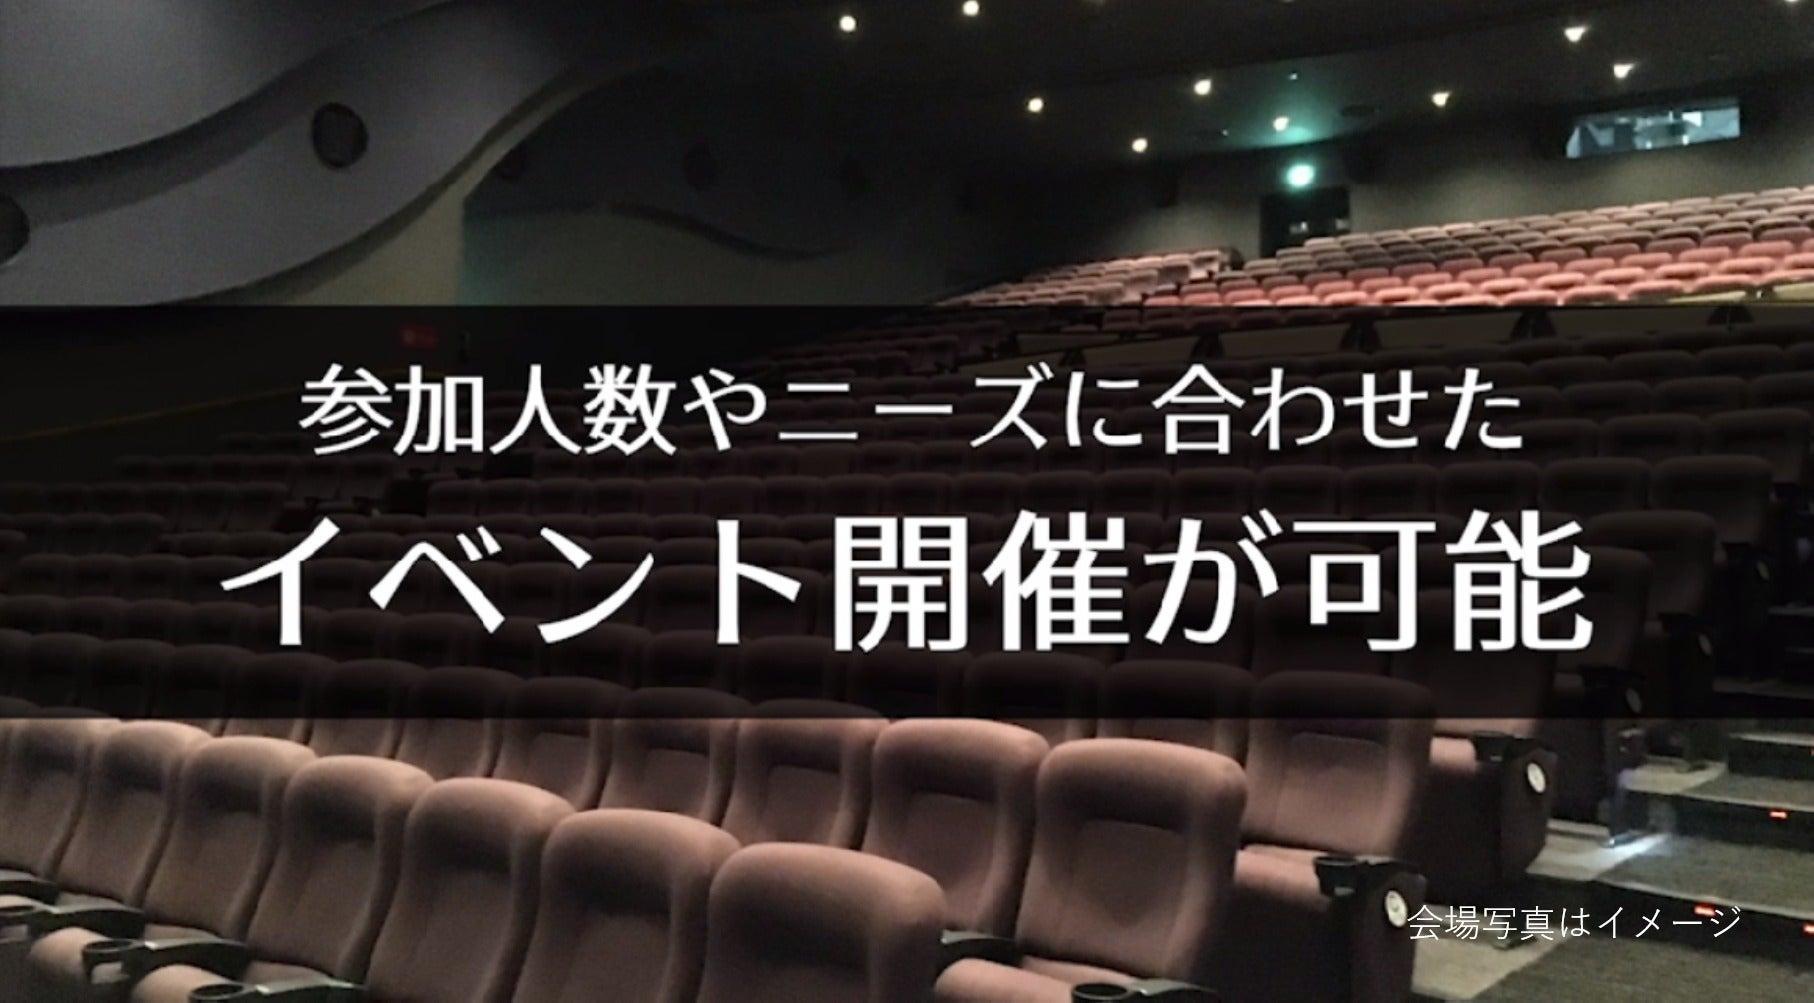 【長崎 172席】映画館で、会社説明会、株主総会、講演会の企画はいかがですか?(ユナイテッド・シネマ長崎) の写真0